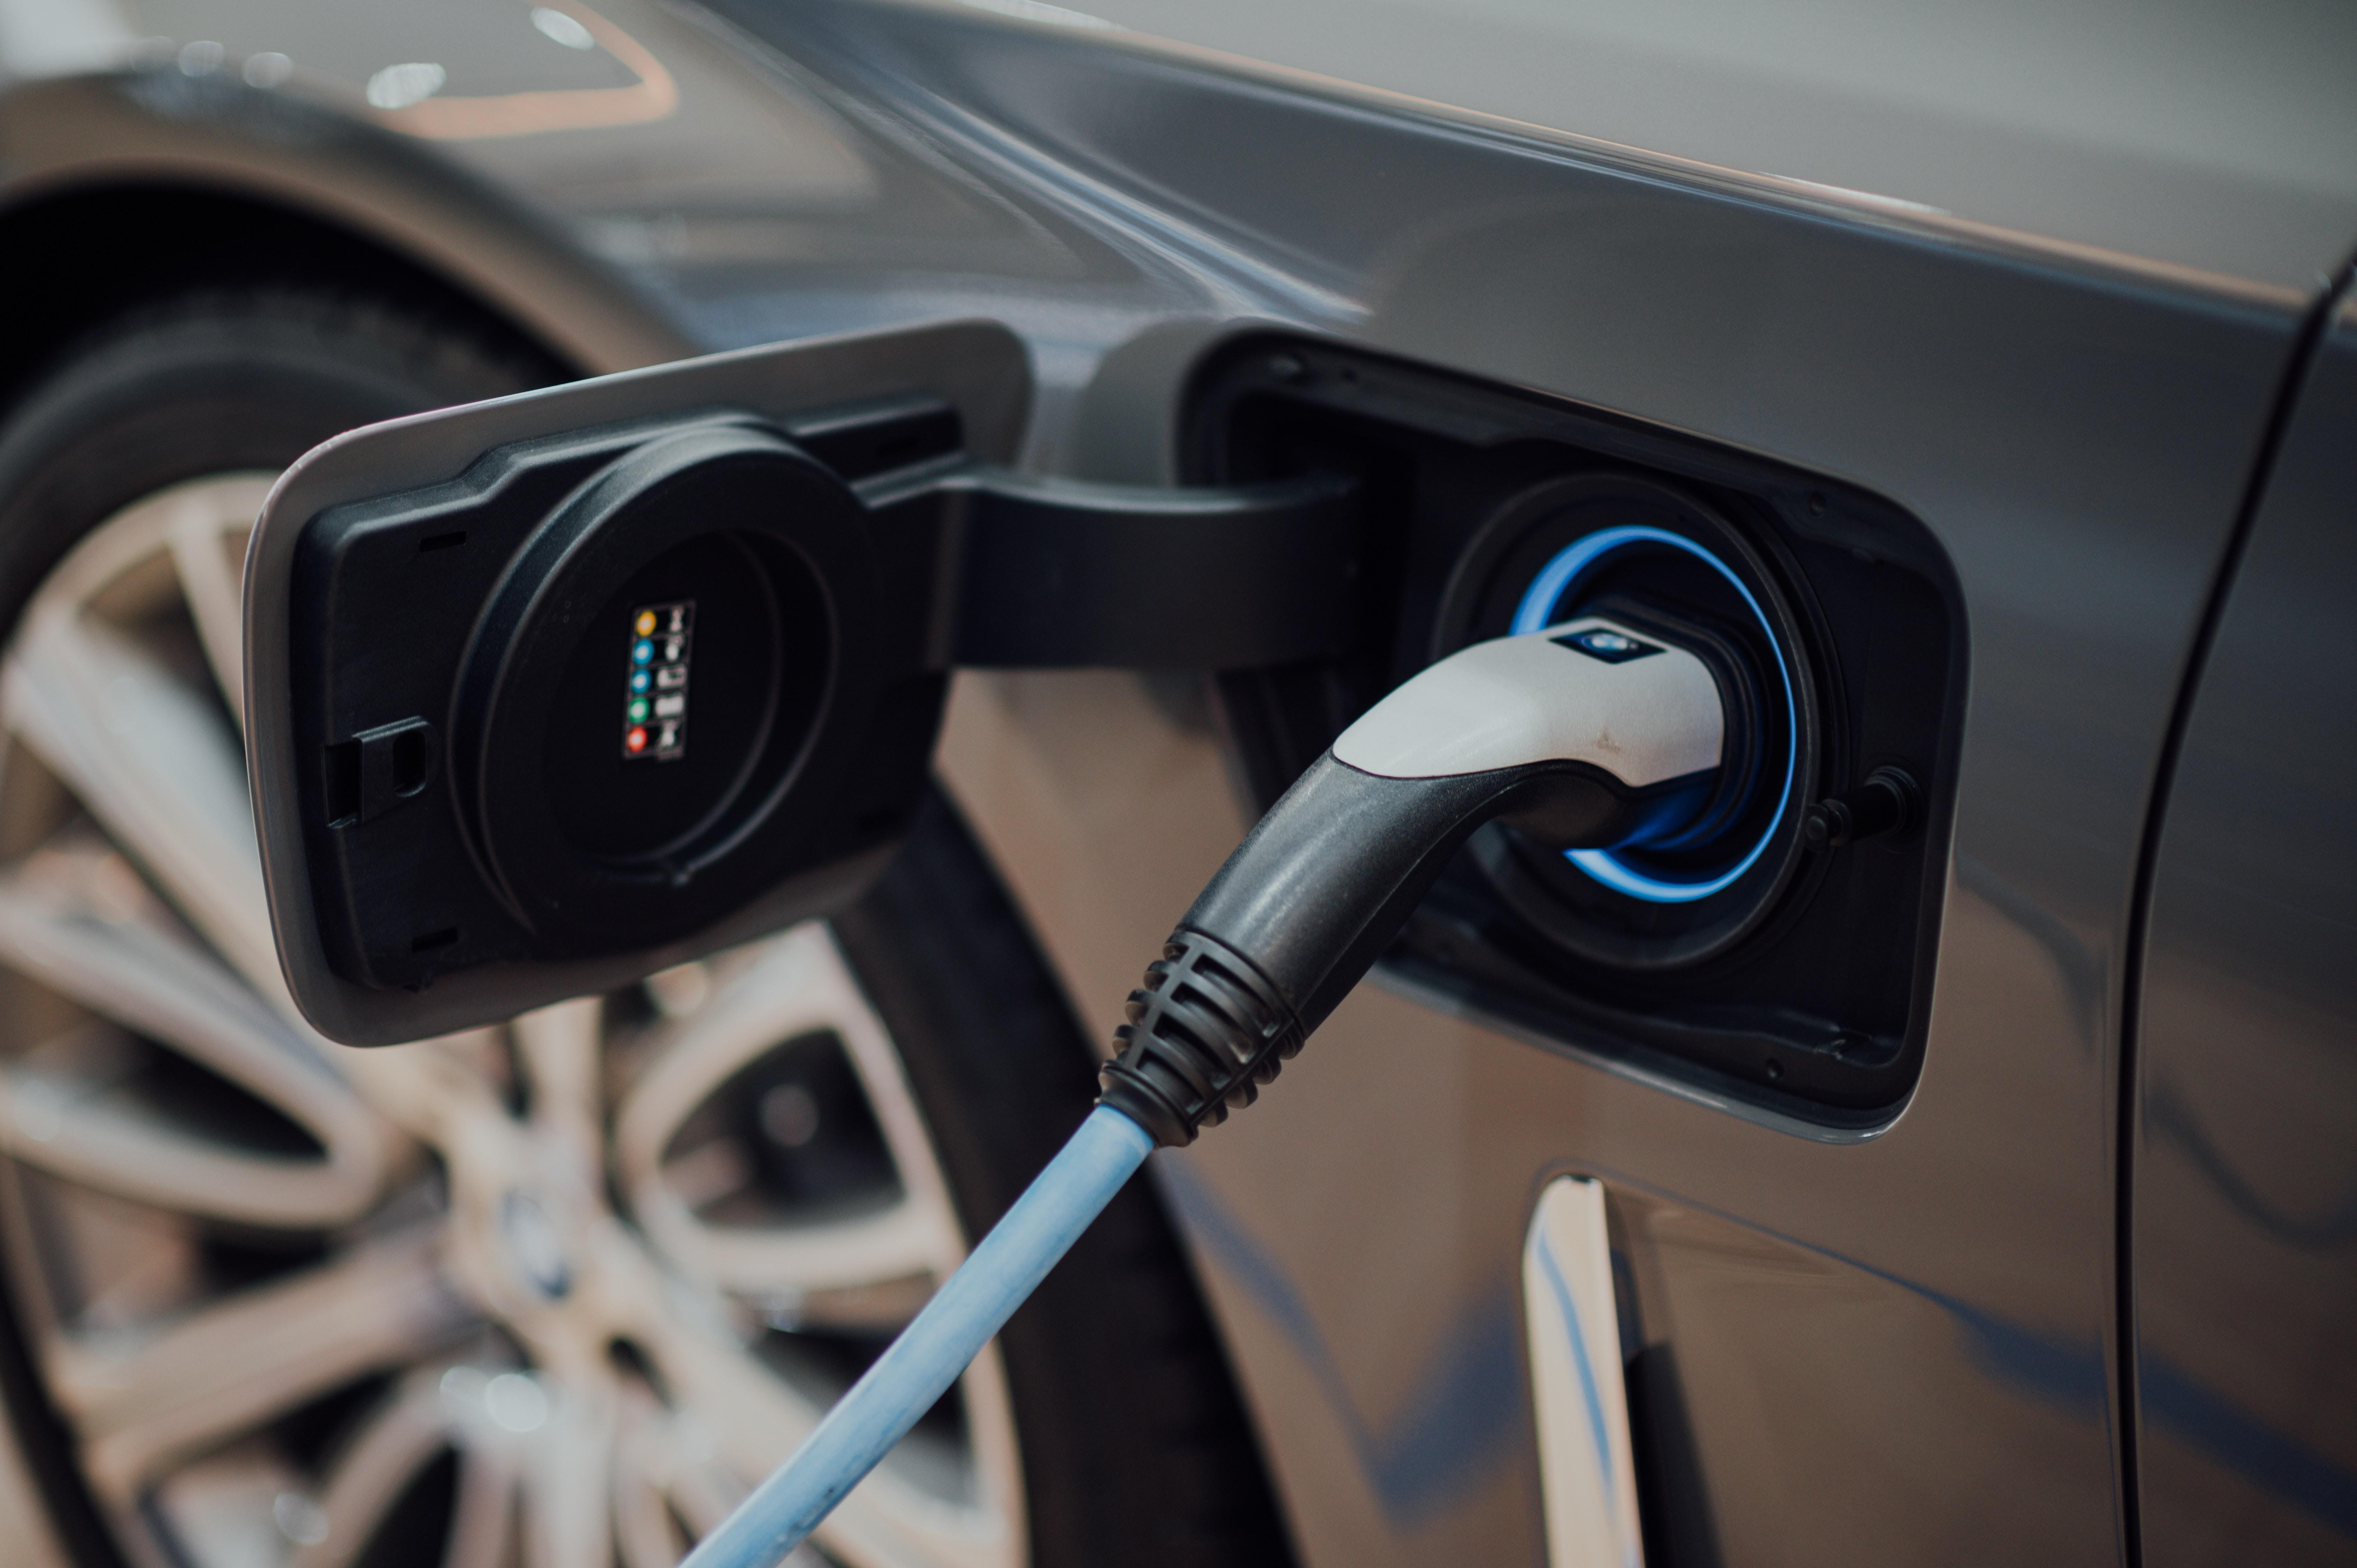 detalhe de carro elétrico a ser carregado